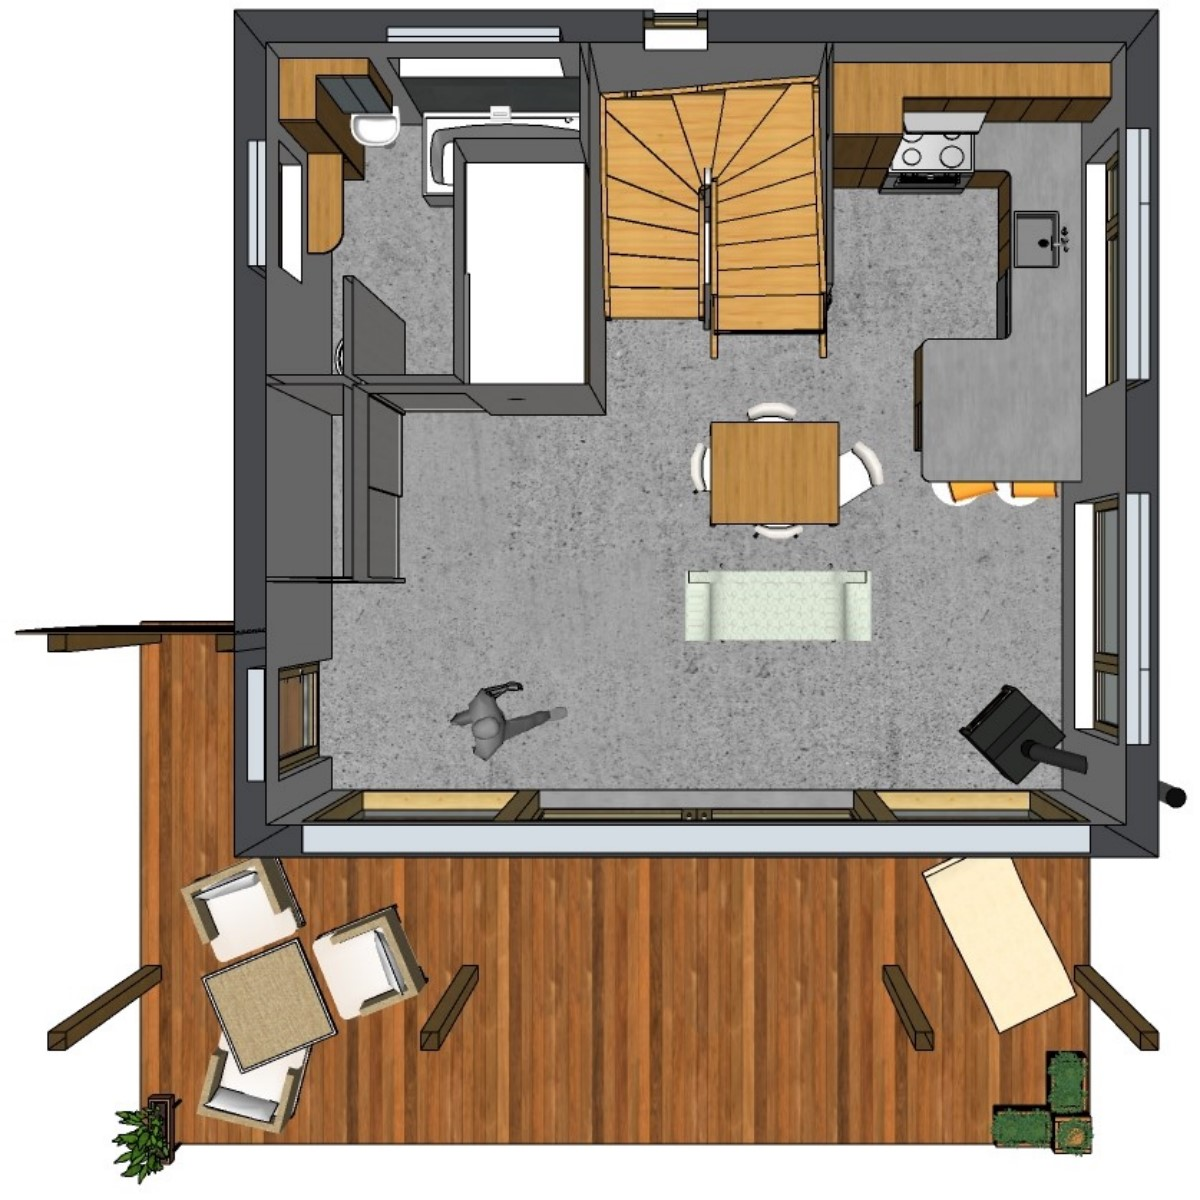 la compacte à étage 2.6 [1600x1200]